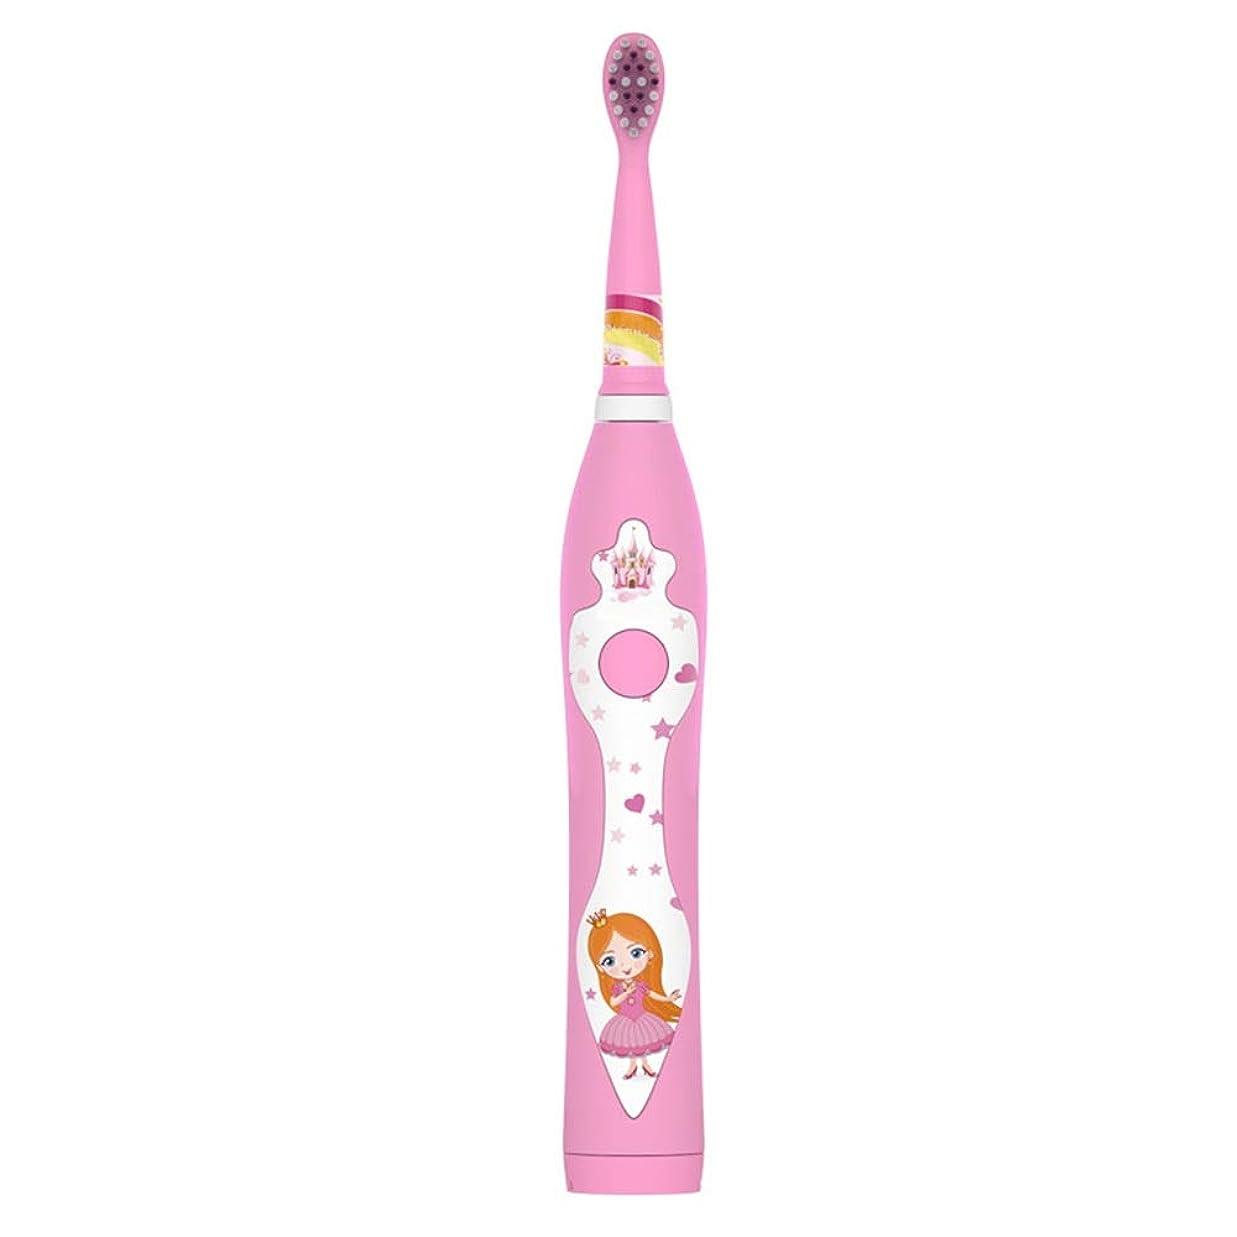 愛されし者ネーピア発動機自動歯ブラシ 子供のための2つの取り替えの頭部およびホールダーが付いている子供のかわいいUSBの再充電可能な電動歯ブラシ (色 : ピンク, サイズ : Free size)